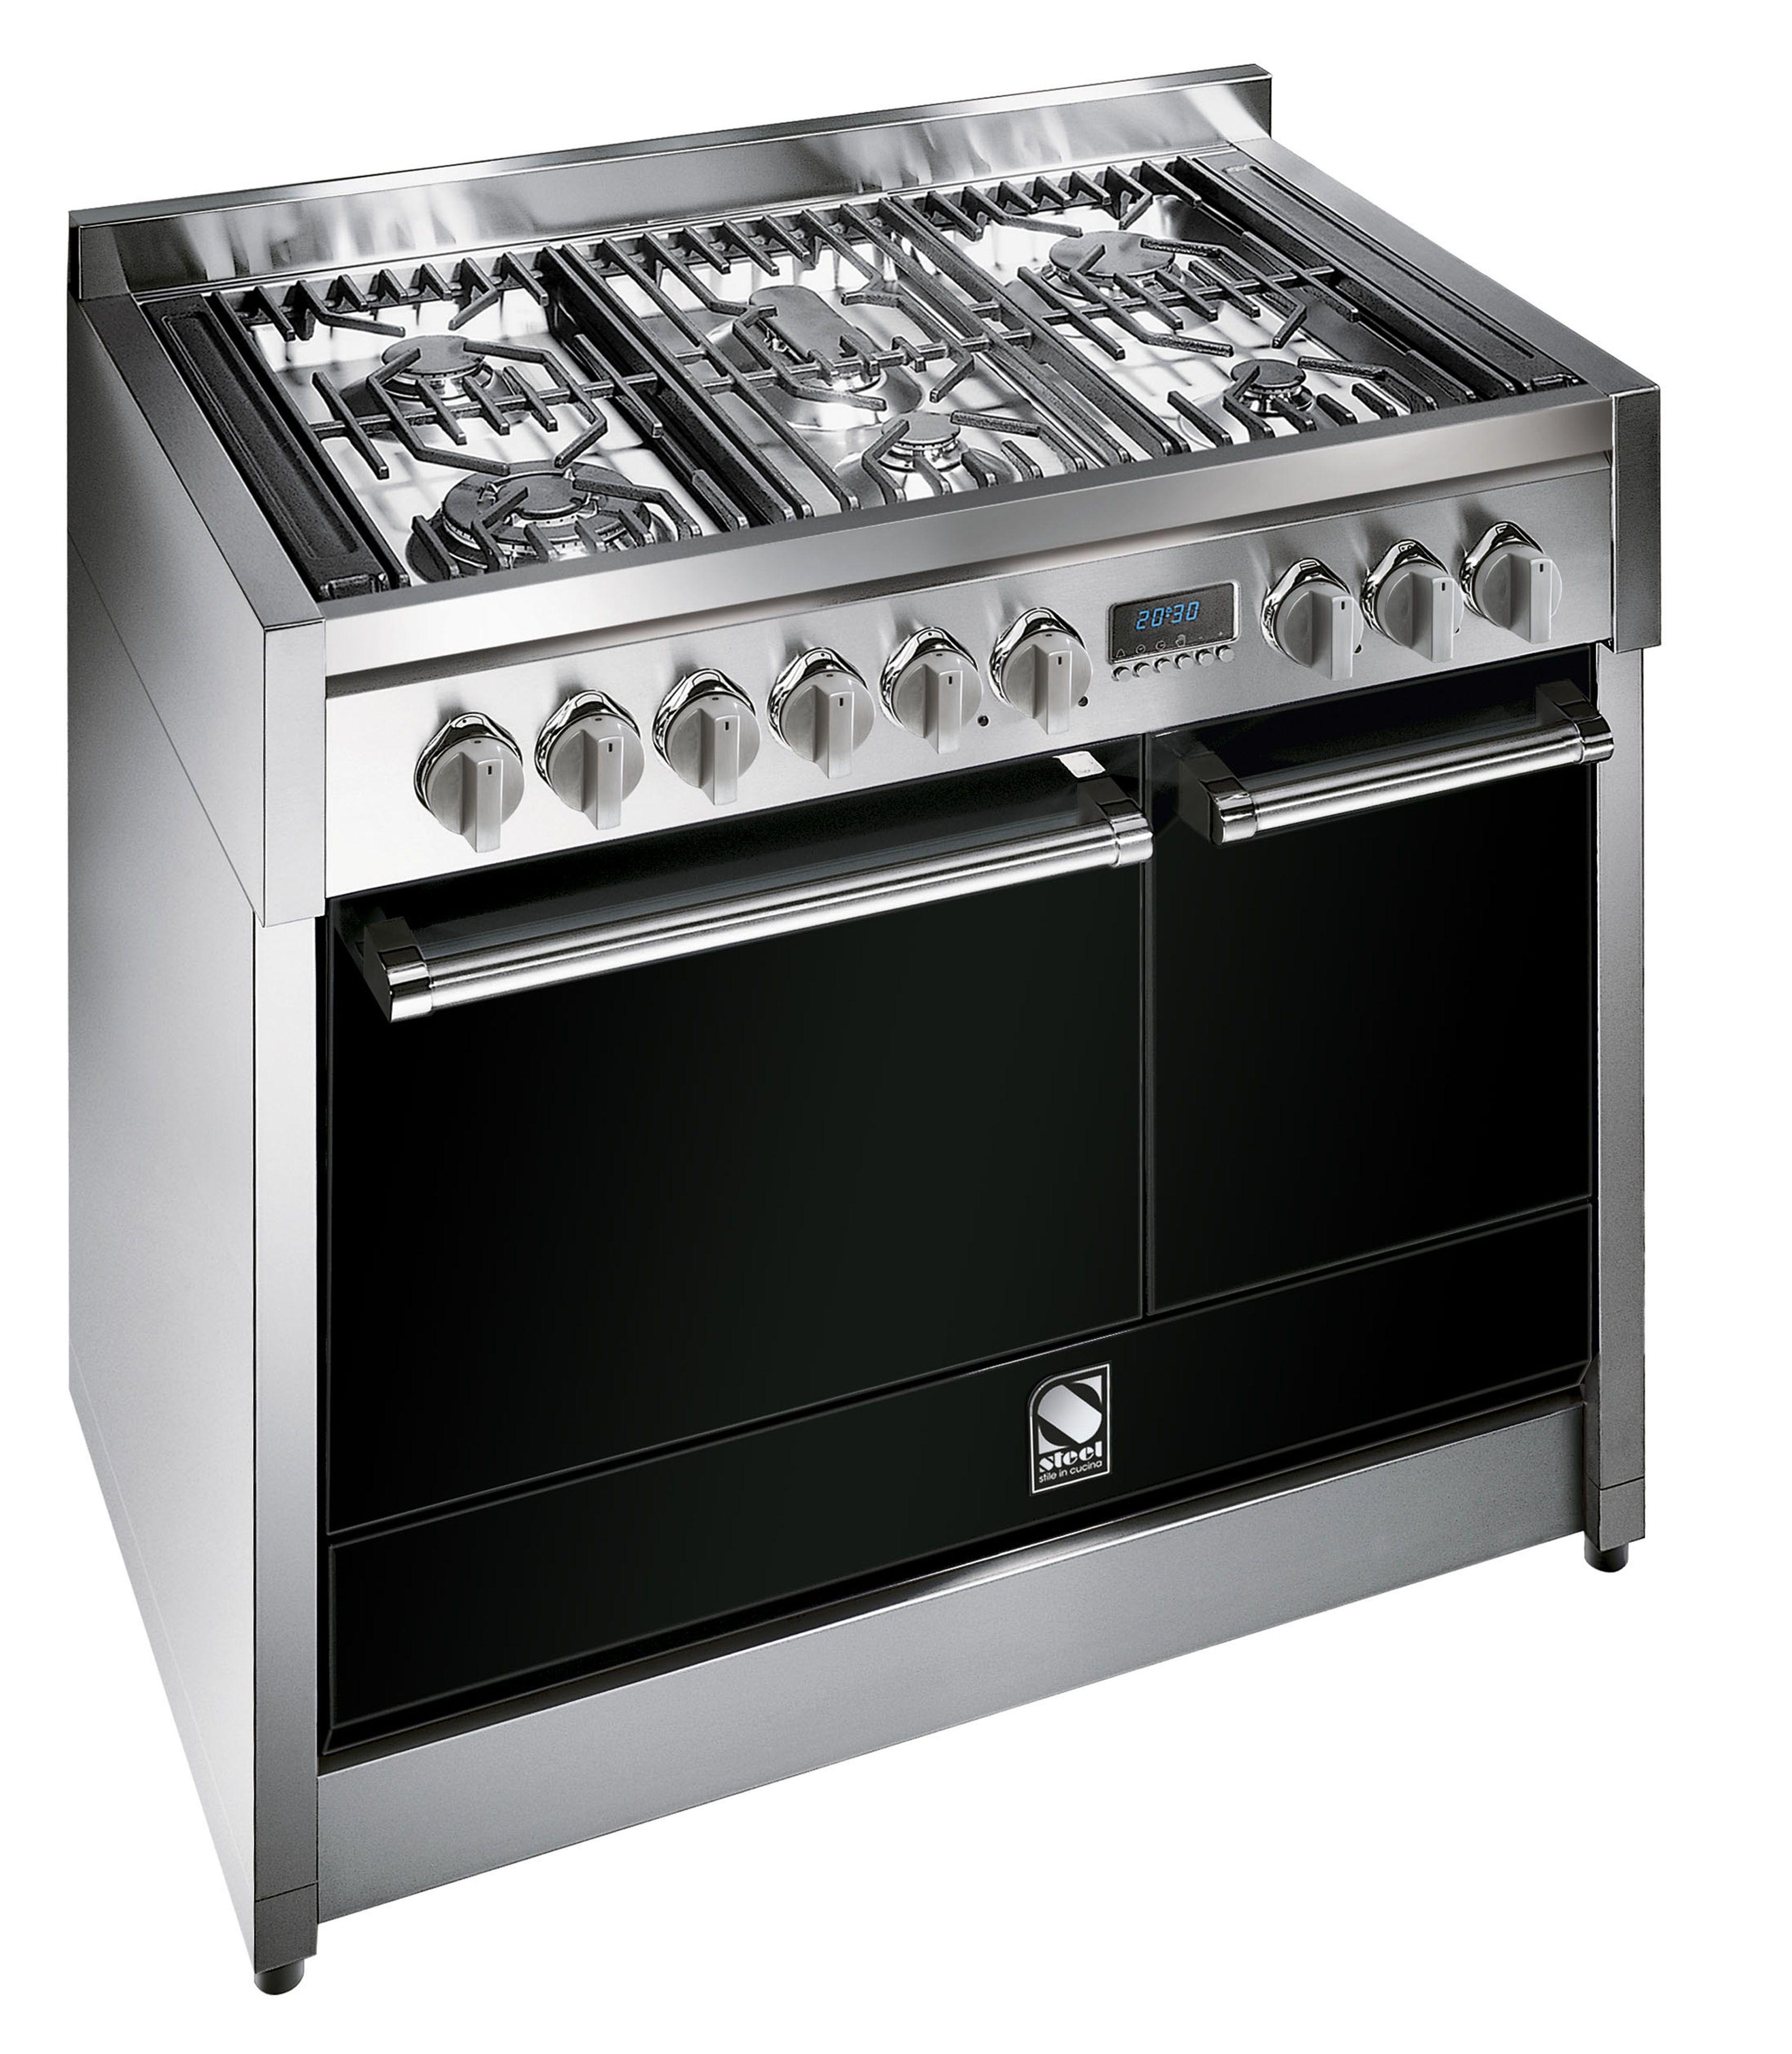 Combisteam range cooker genesi g10sfd6 range cooker